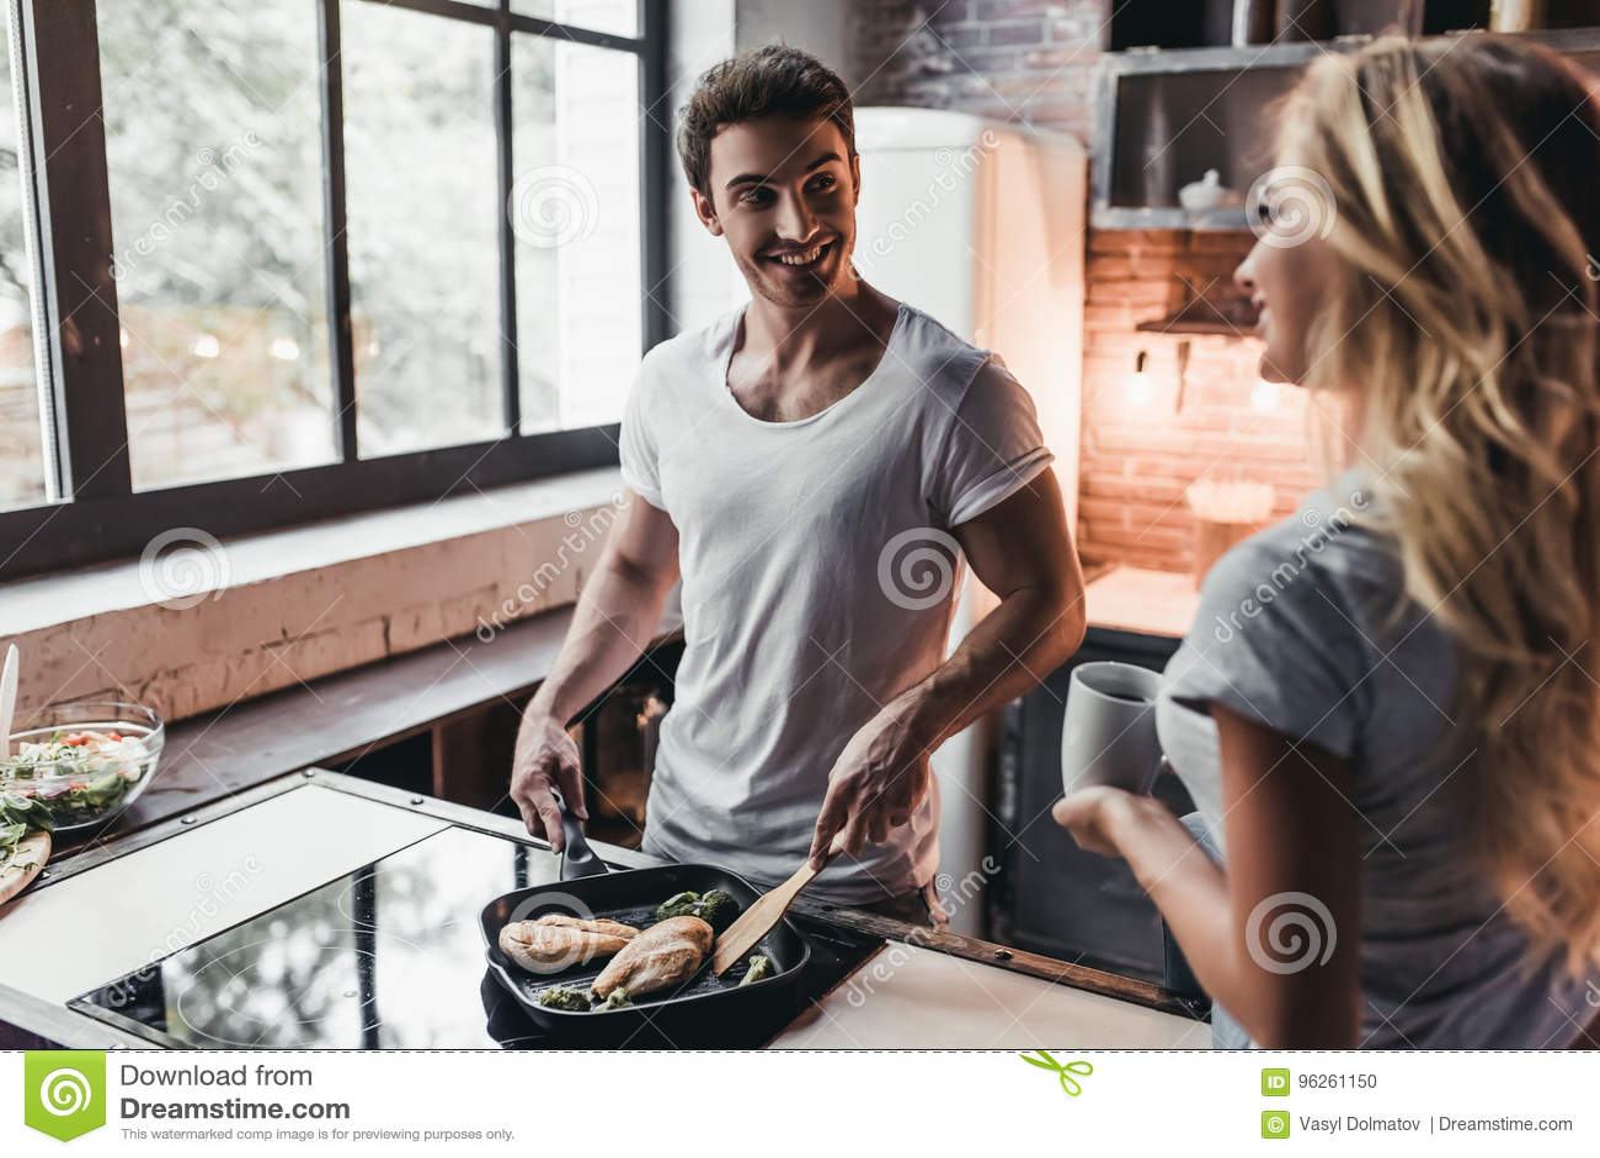 Paar op keuken